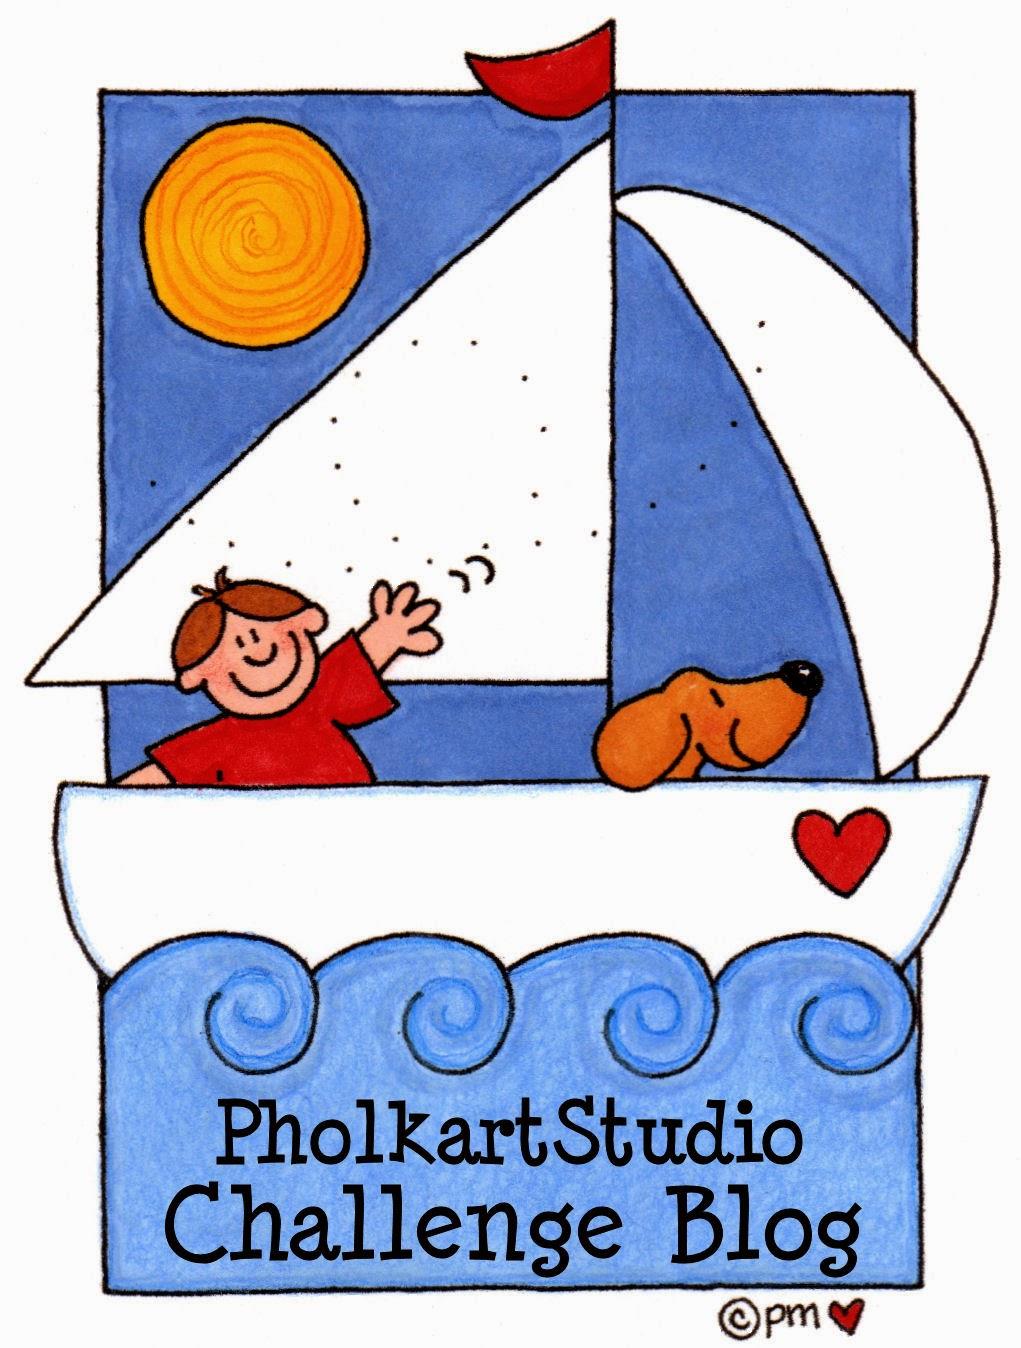 Pholkart Studios Challenge Blog